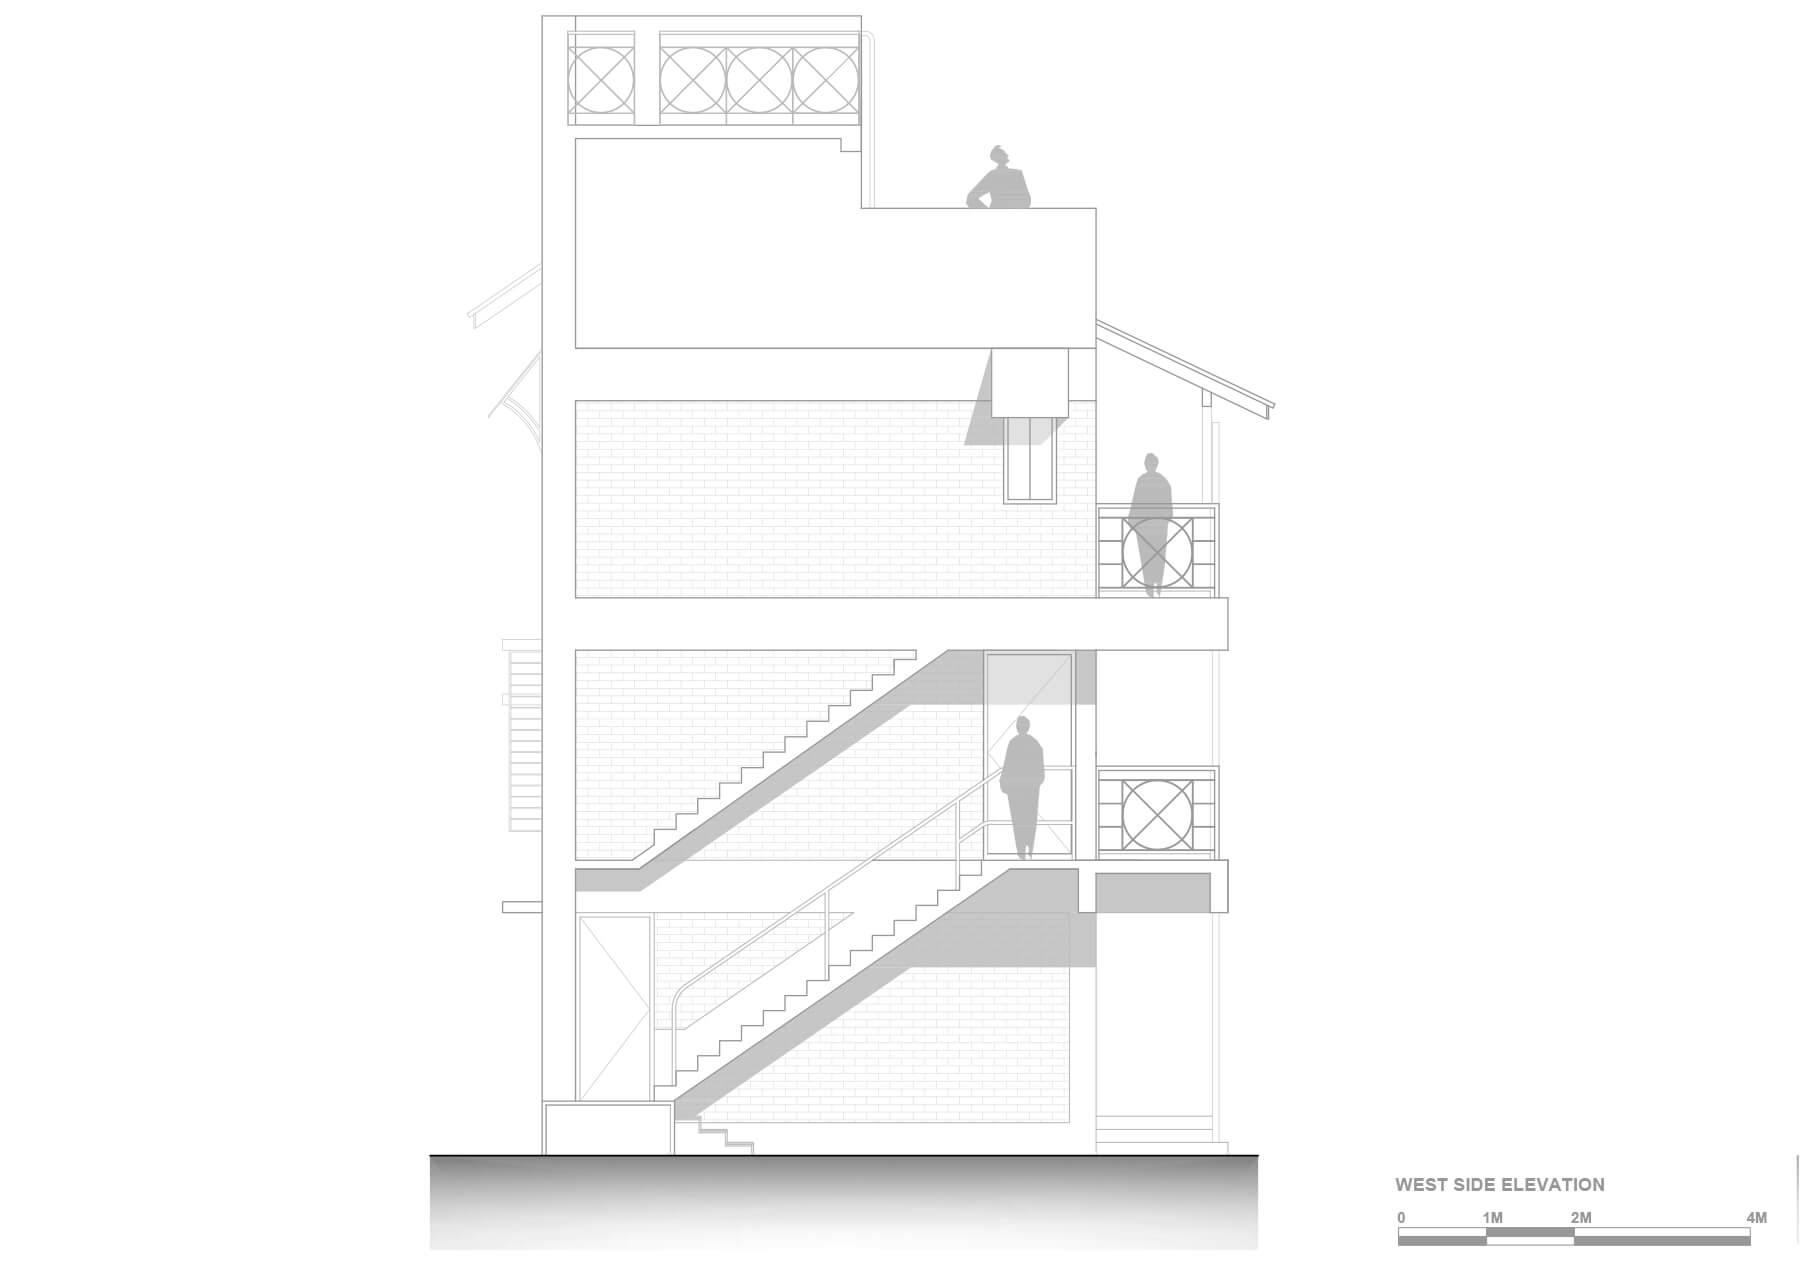 7- West side elevation